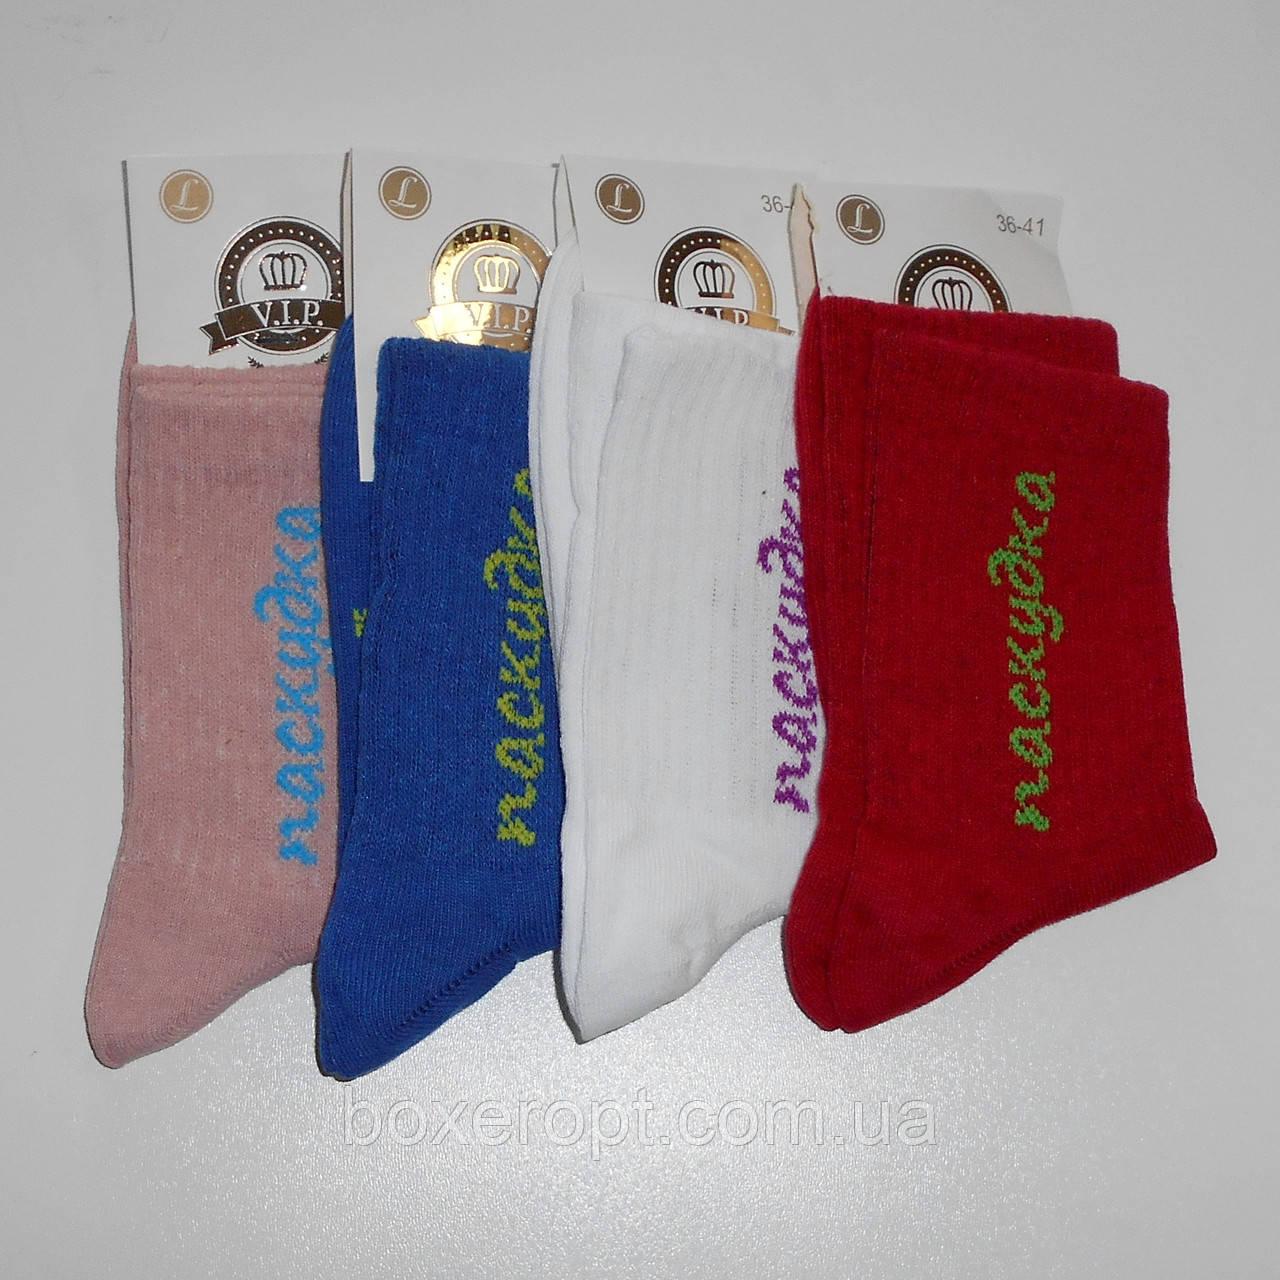 Женские носки с приколами Elegance - 9.00 грн./пара (высокие, паскудка)